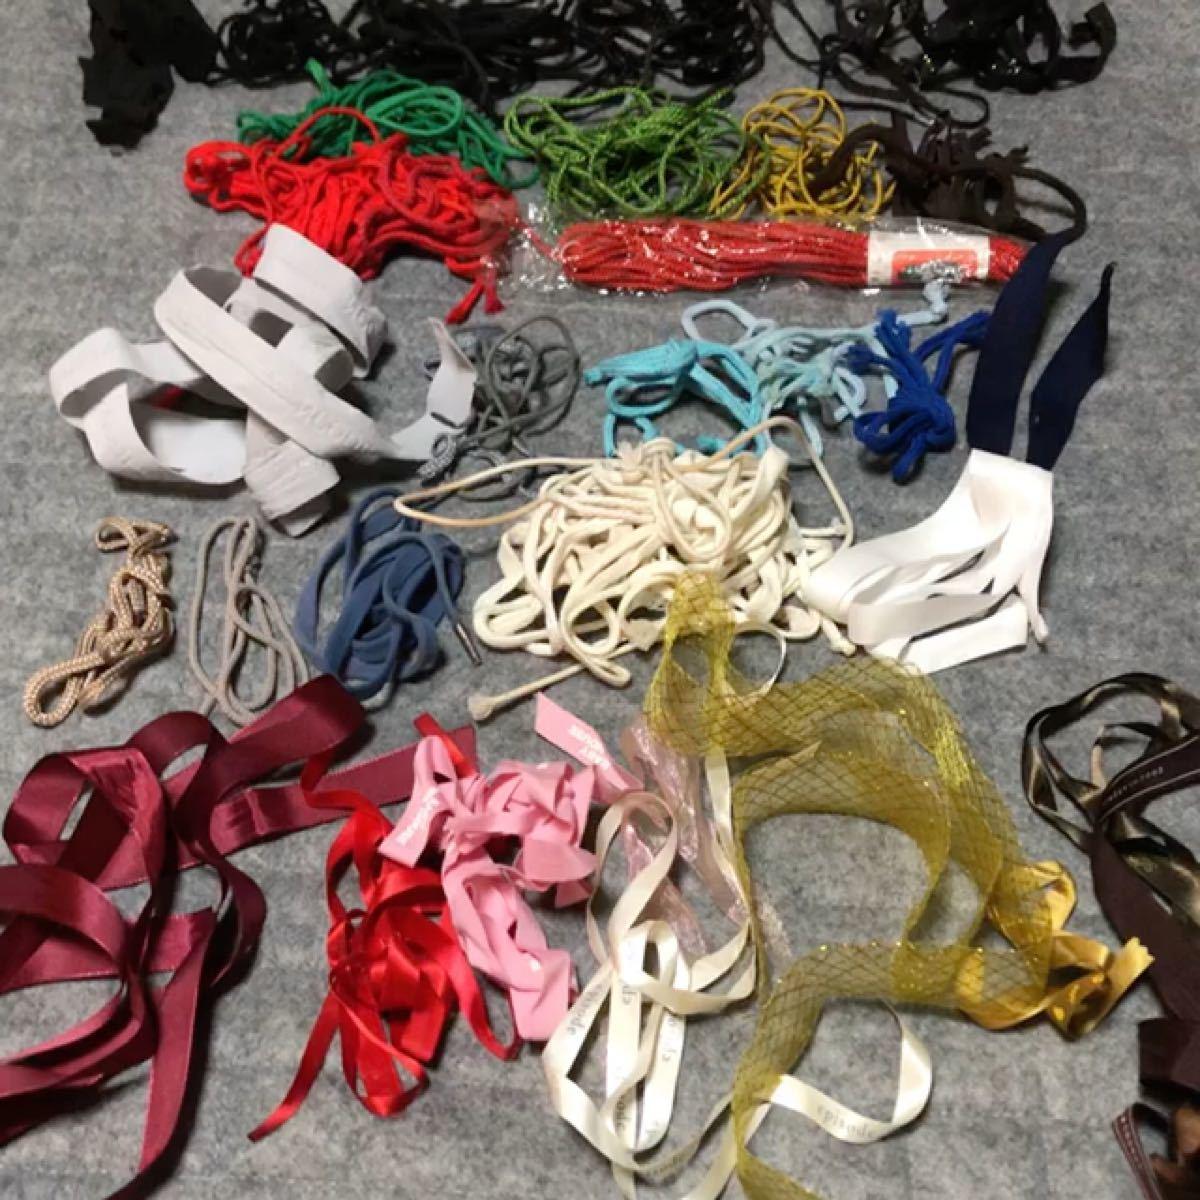 紐、リボン、毛糸、靴紐、腰紐 色々  手芸用品